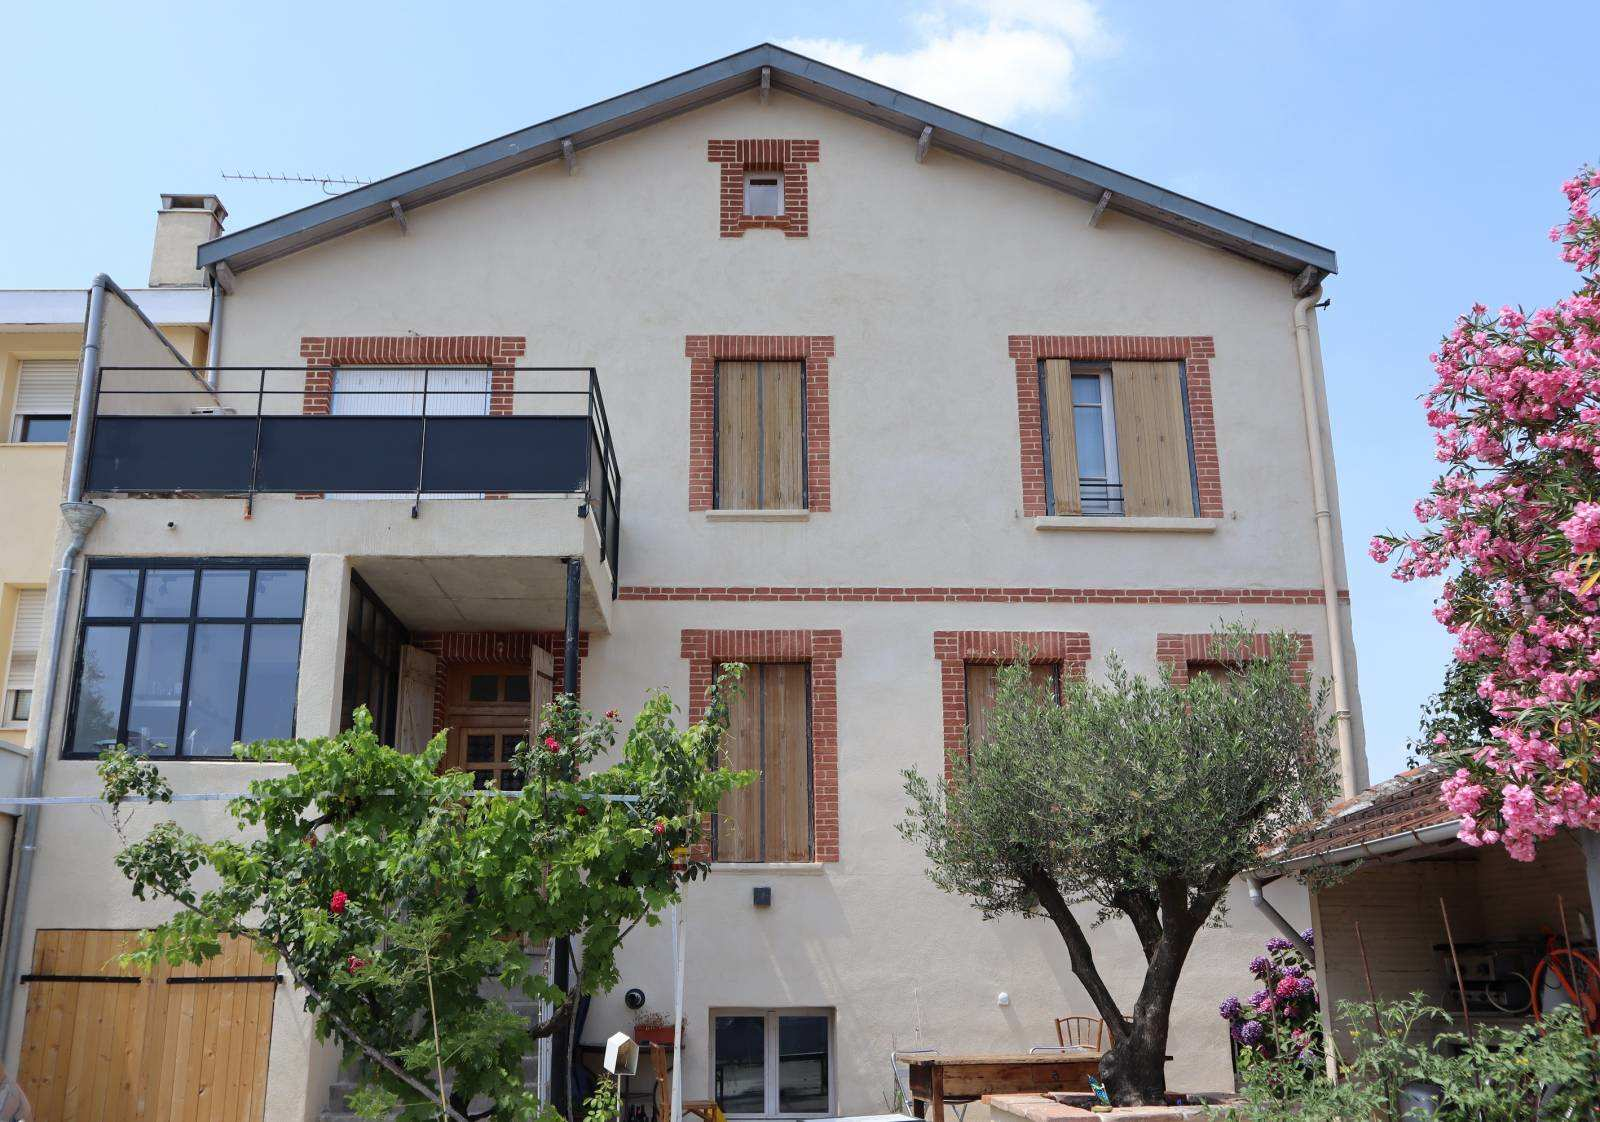 Rénovation de façade d'une maison toulousaine en centre ville de Toulouse en Haute-Garonne (31)